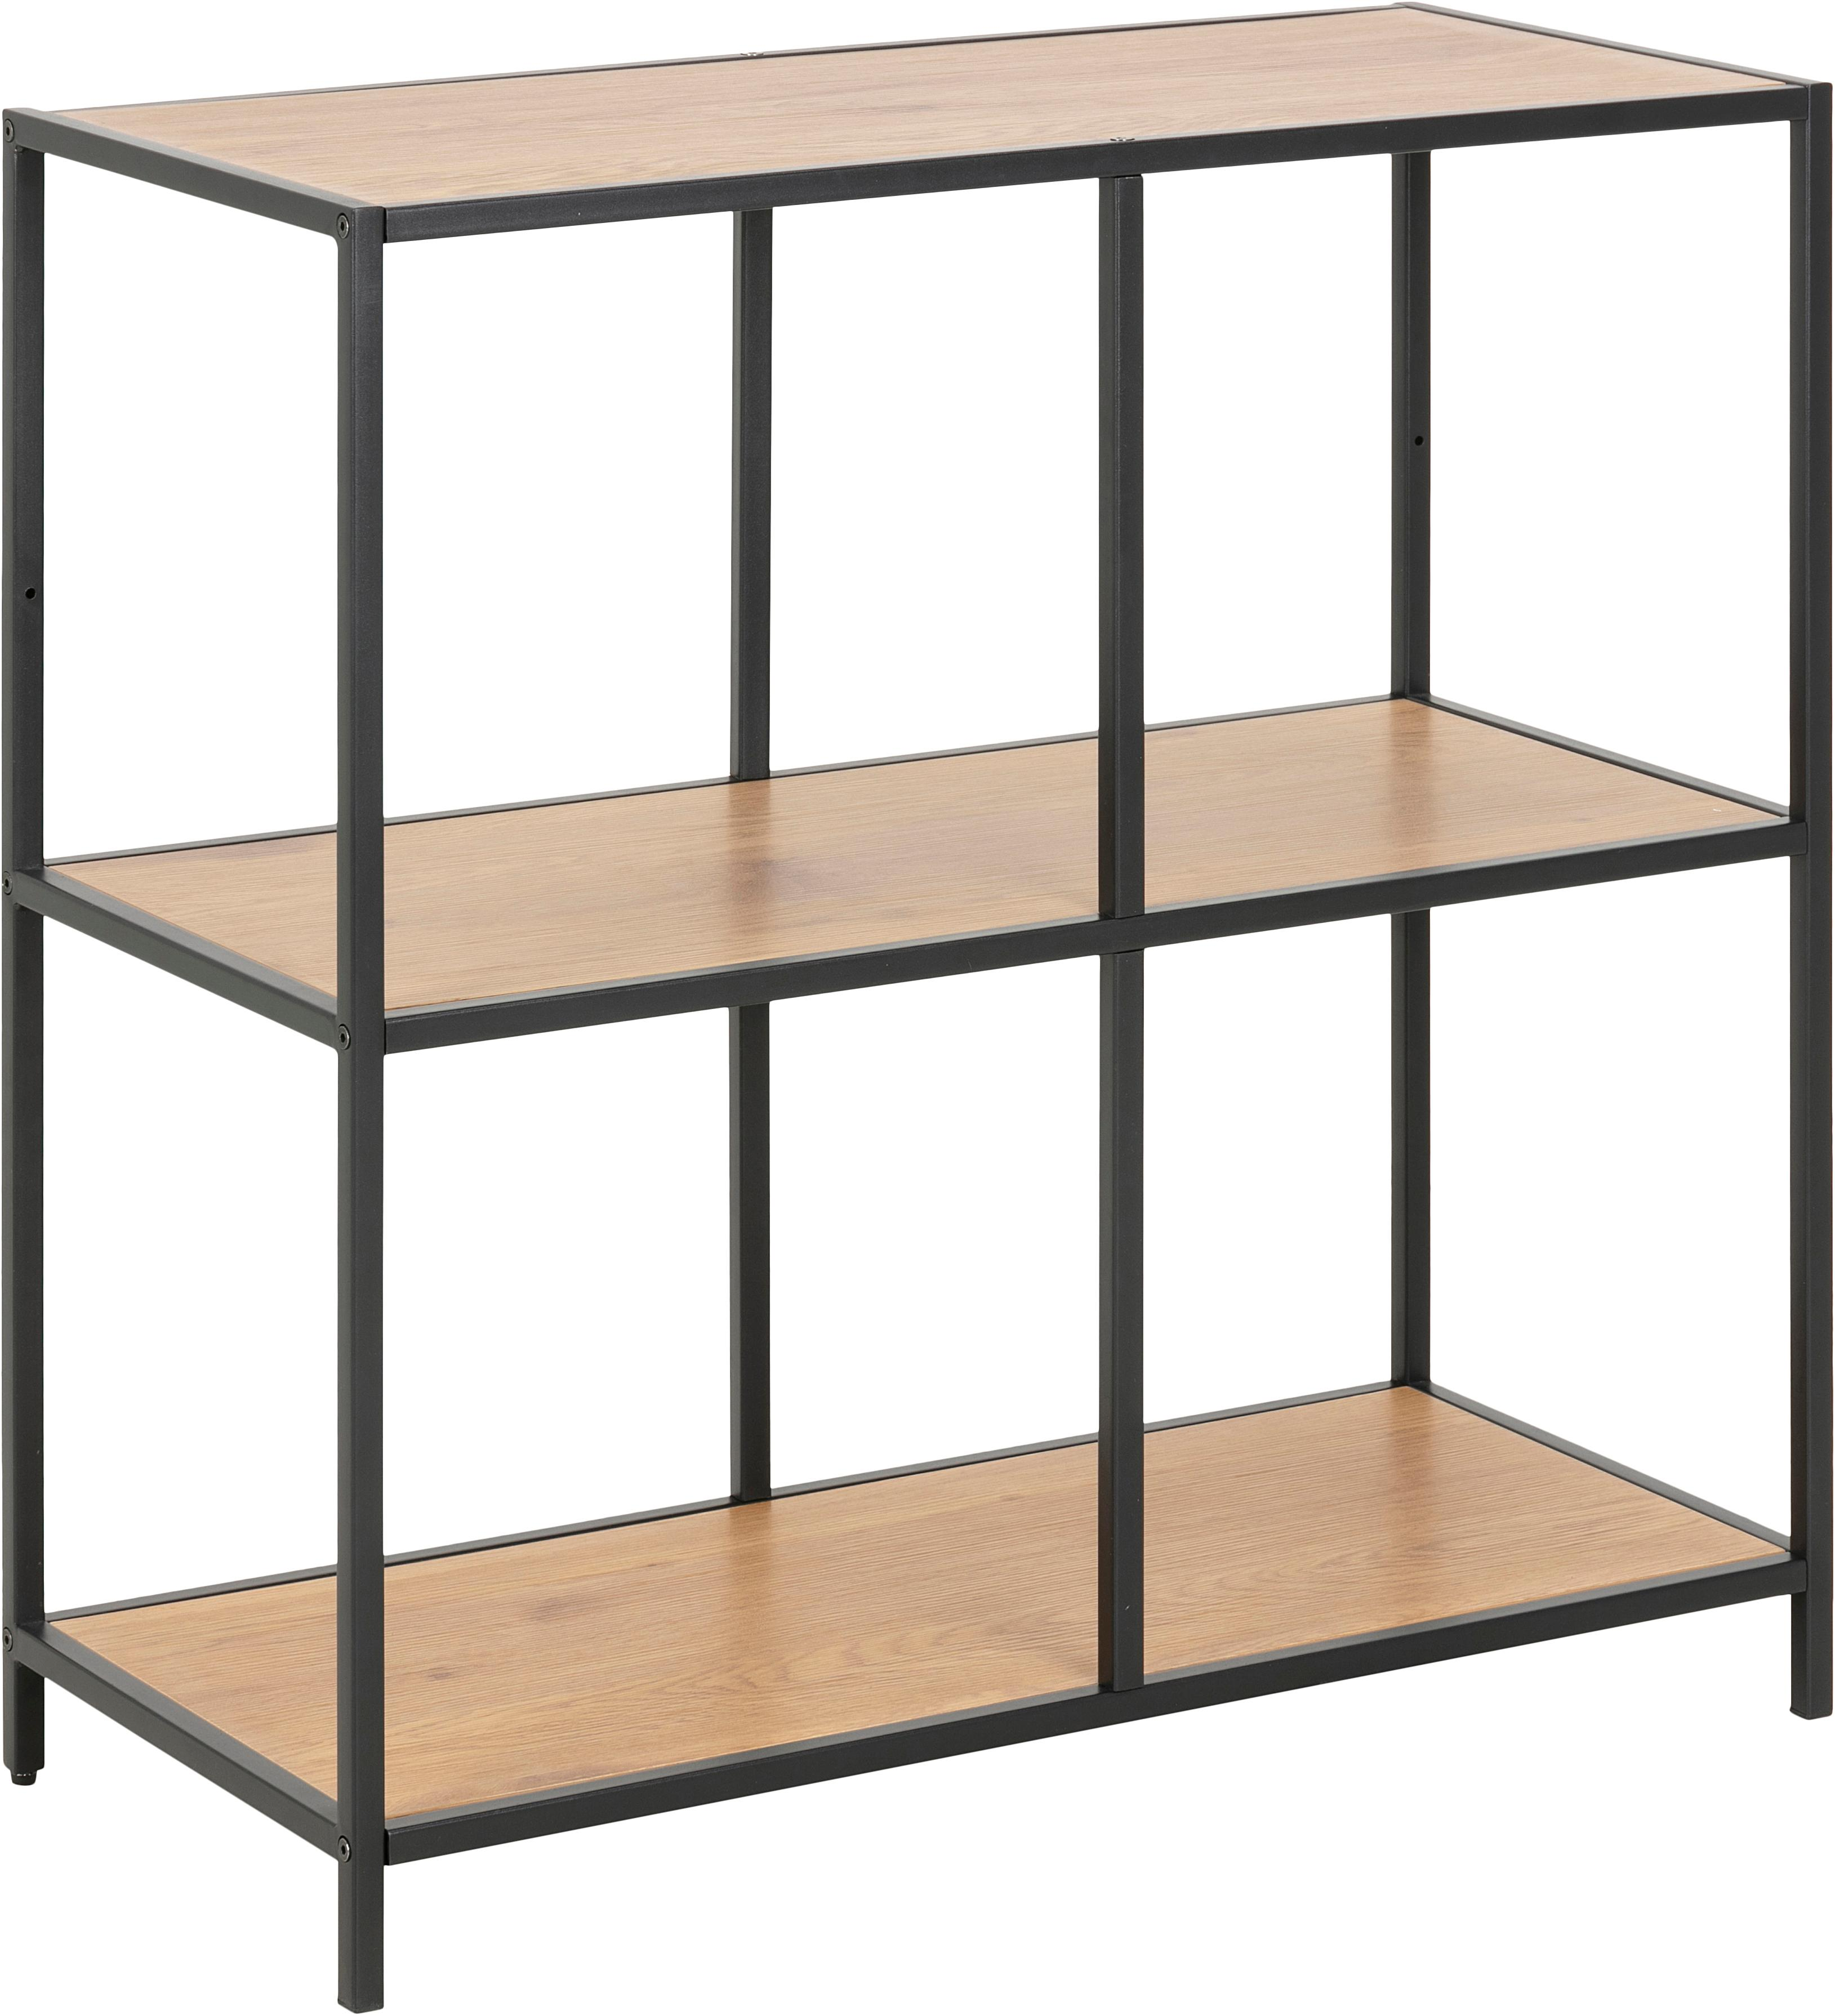 Estantería de madera y metal Seaford, Estantería: tablero de fibras de dens, Estructura: metal con pintura en polv, Marrón, An 77 x Al 78 cm